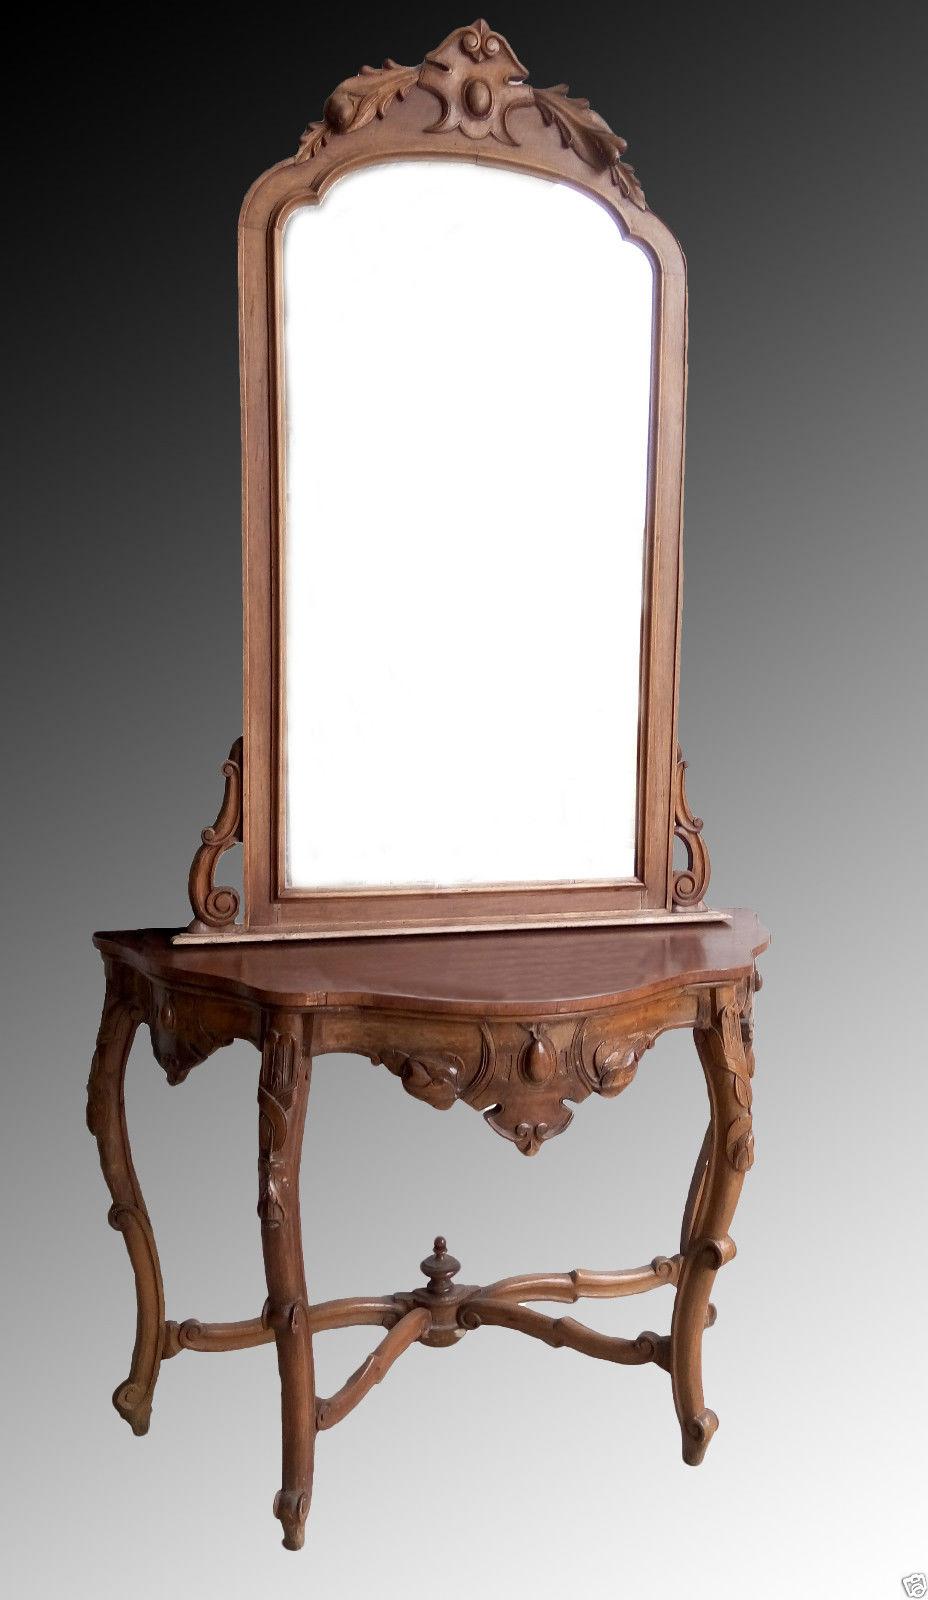 Consolle con specchio Luigi Filippo in legno di noce - \'800 ...